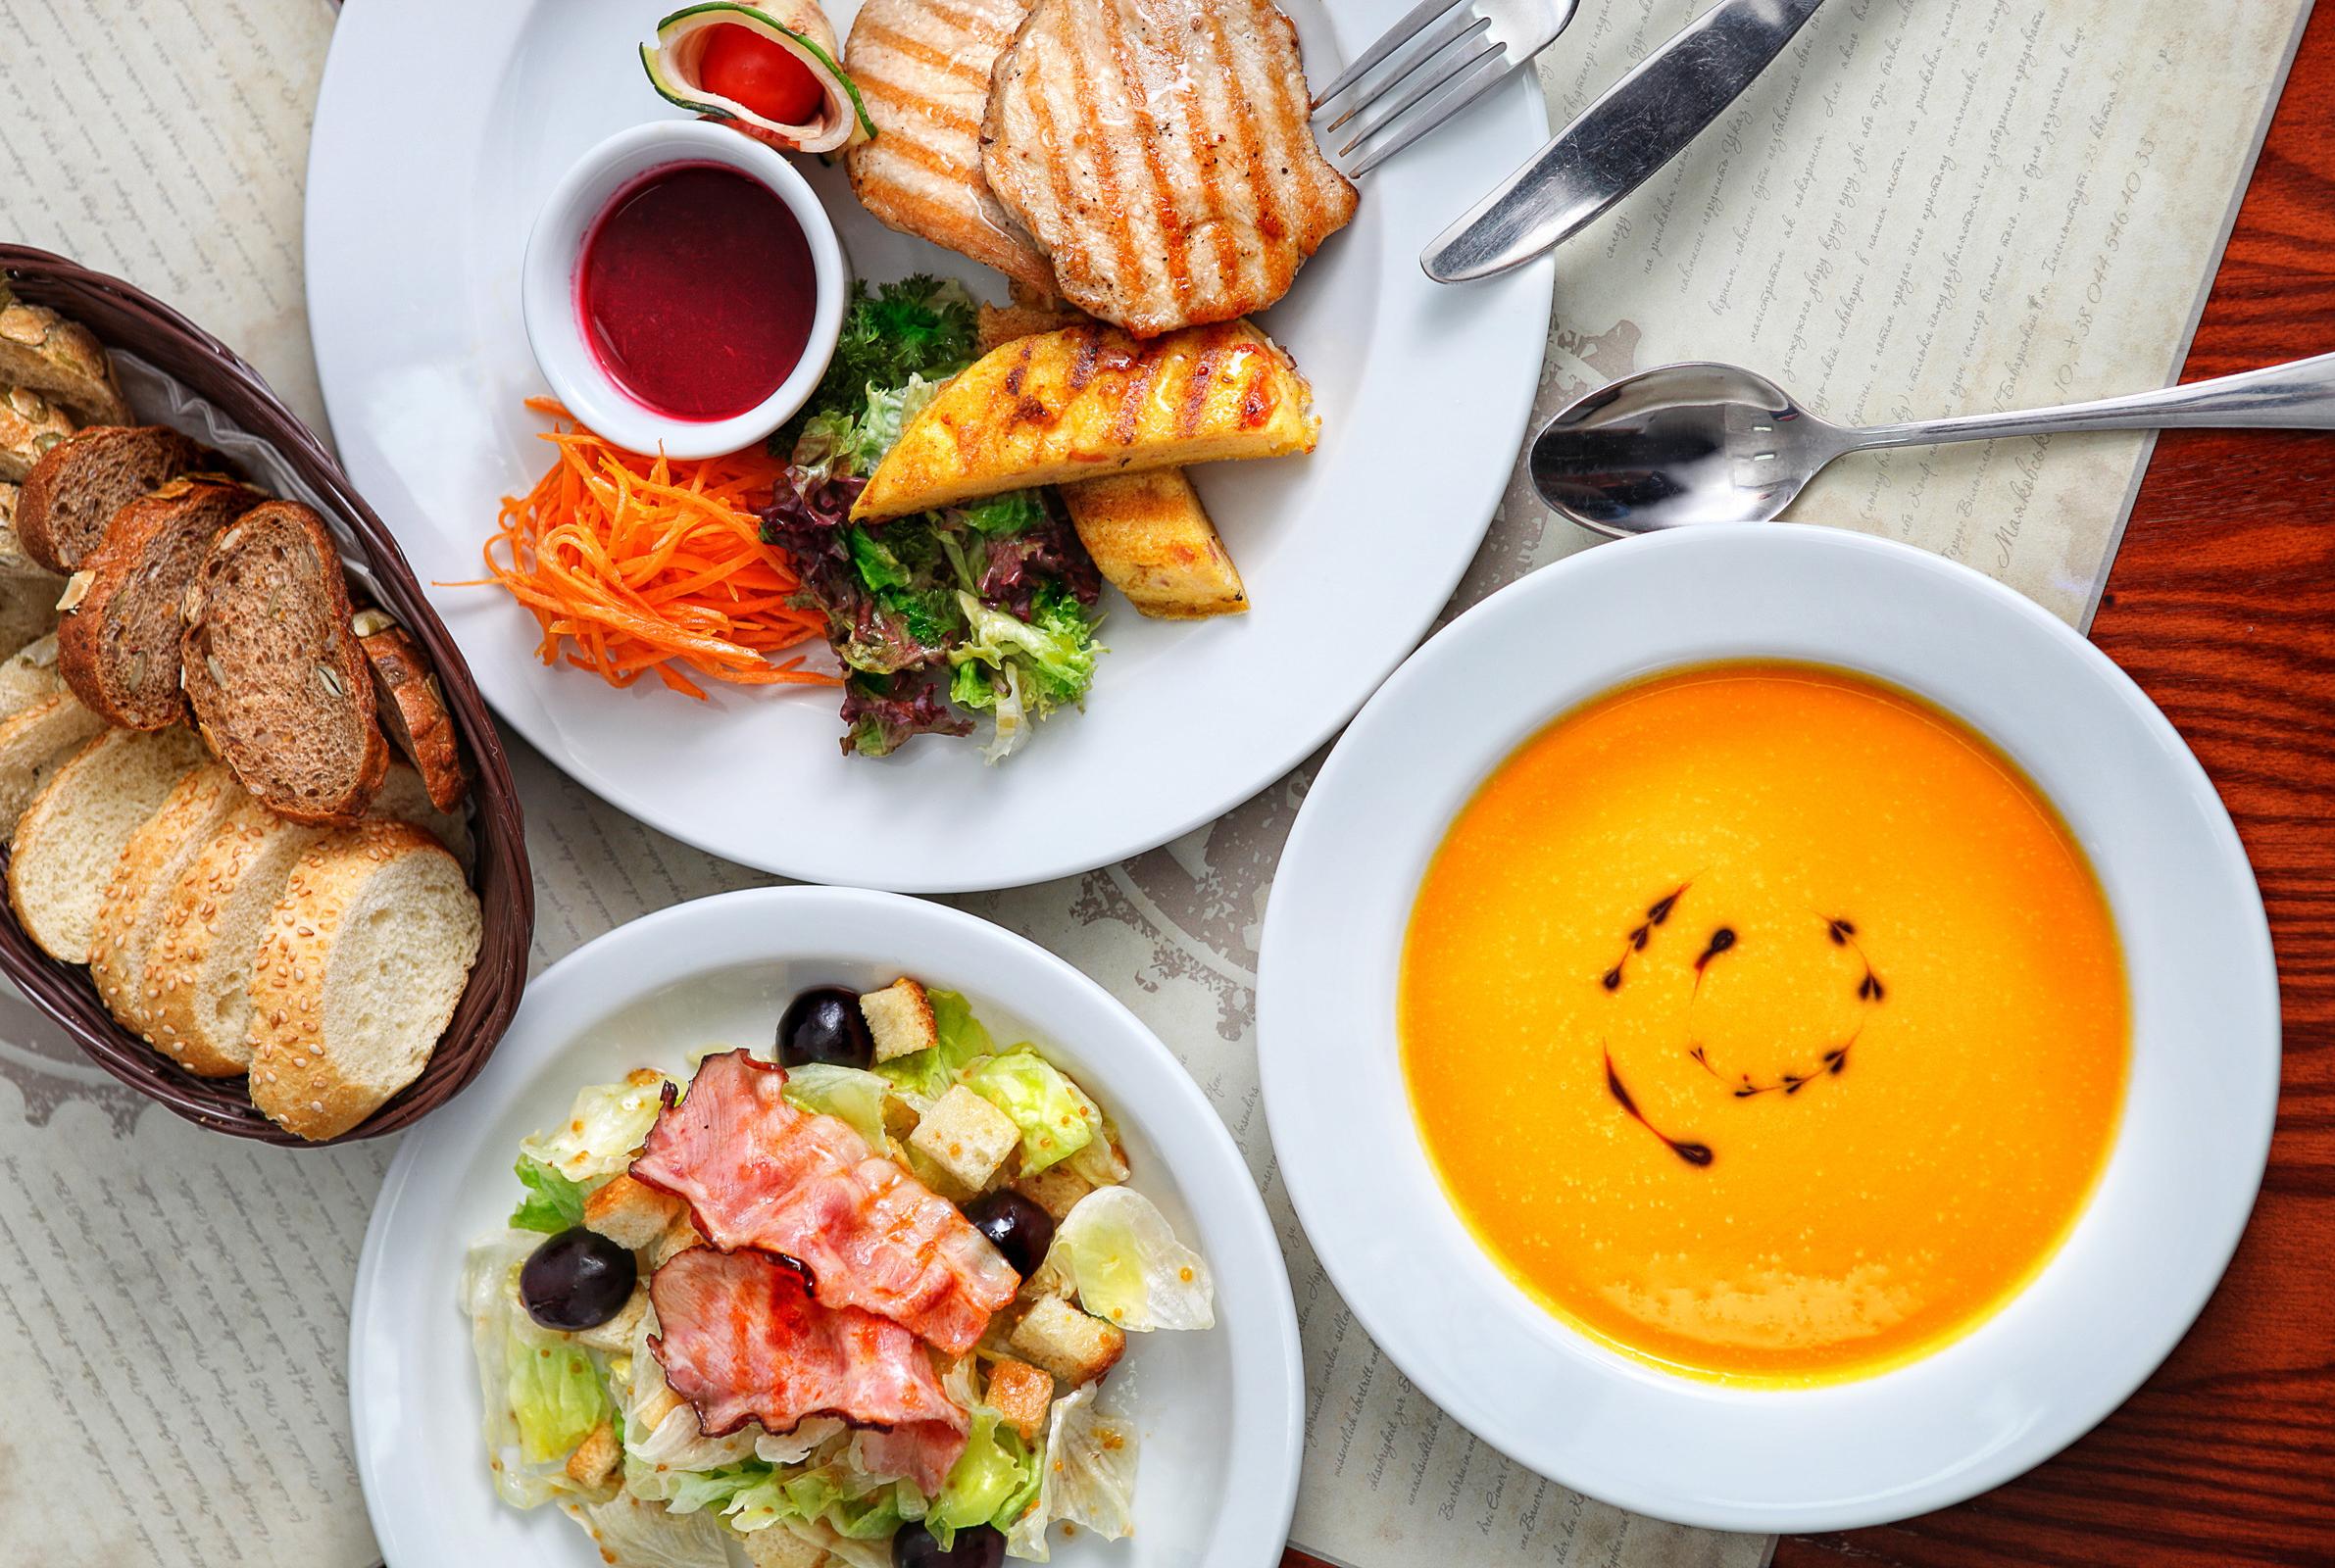 Доставка комплексных обедов в офисы по низким ценам